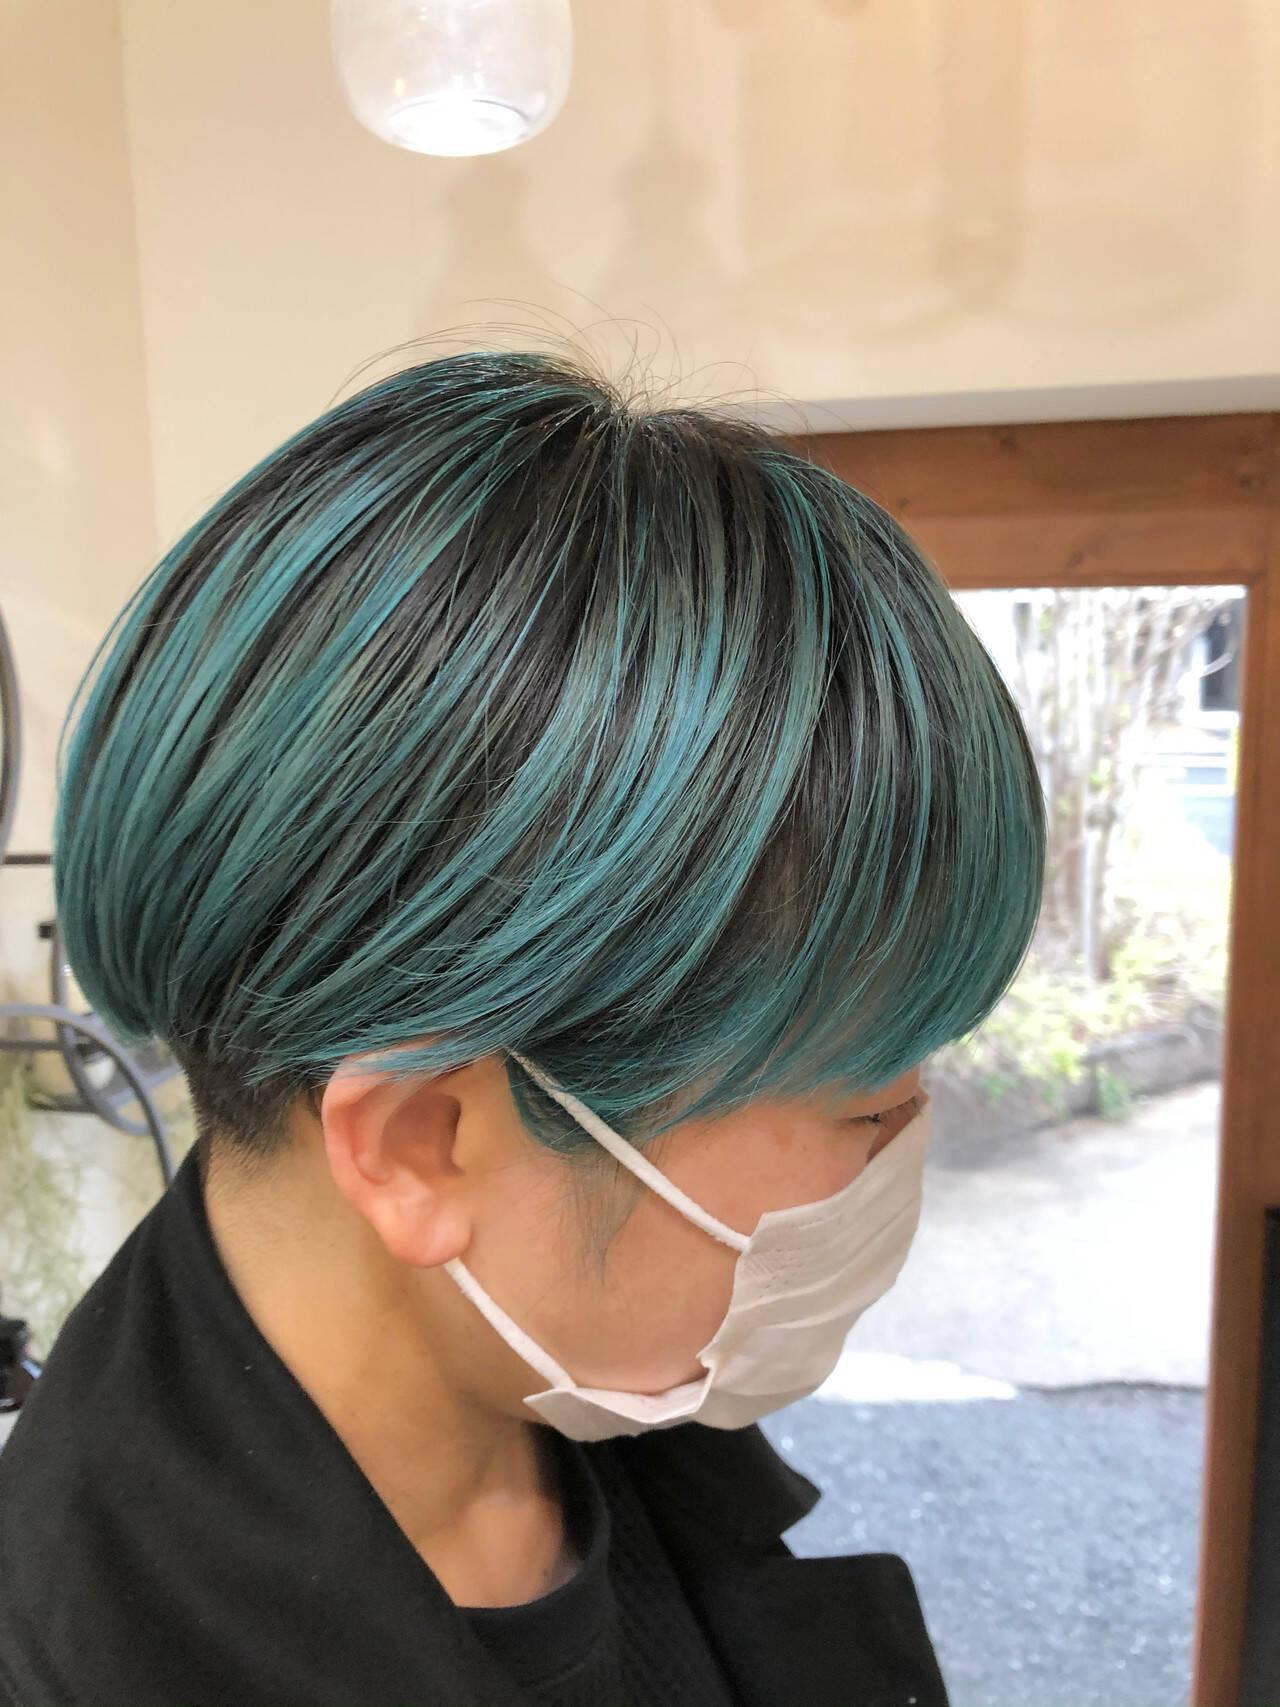 ハイトーンカラー インナーカラー ハイライト ボブヘアスタイルや髪型の写真・画像